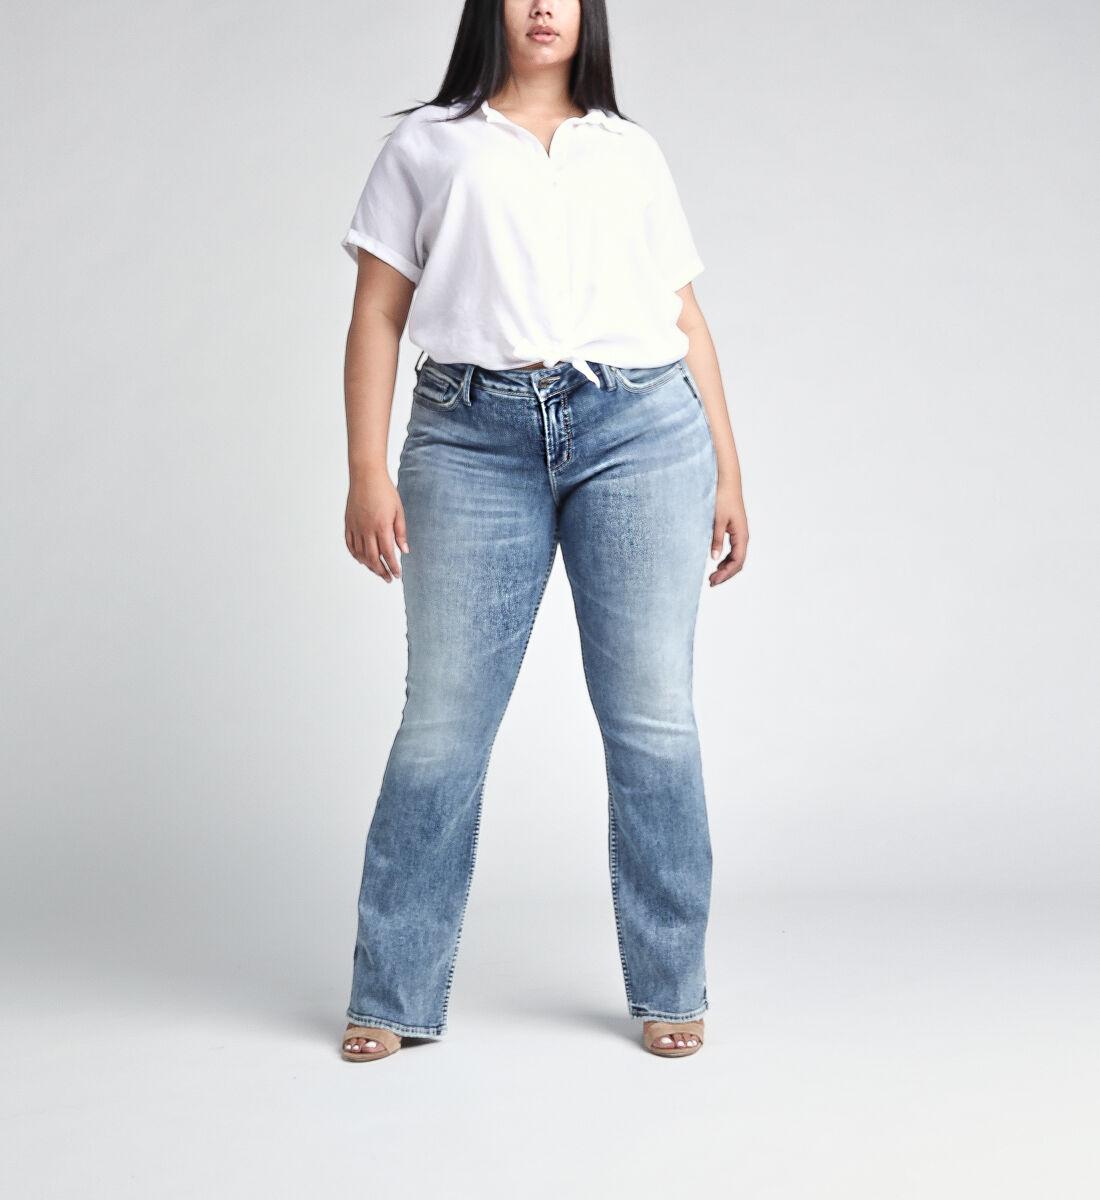 Elyse Mid Rise Slim Bootcut JeansPlus Size Alt Image 1